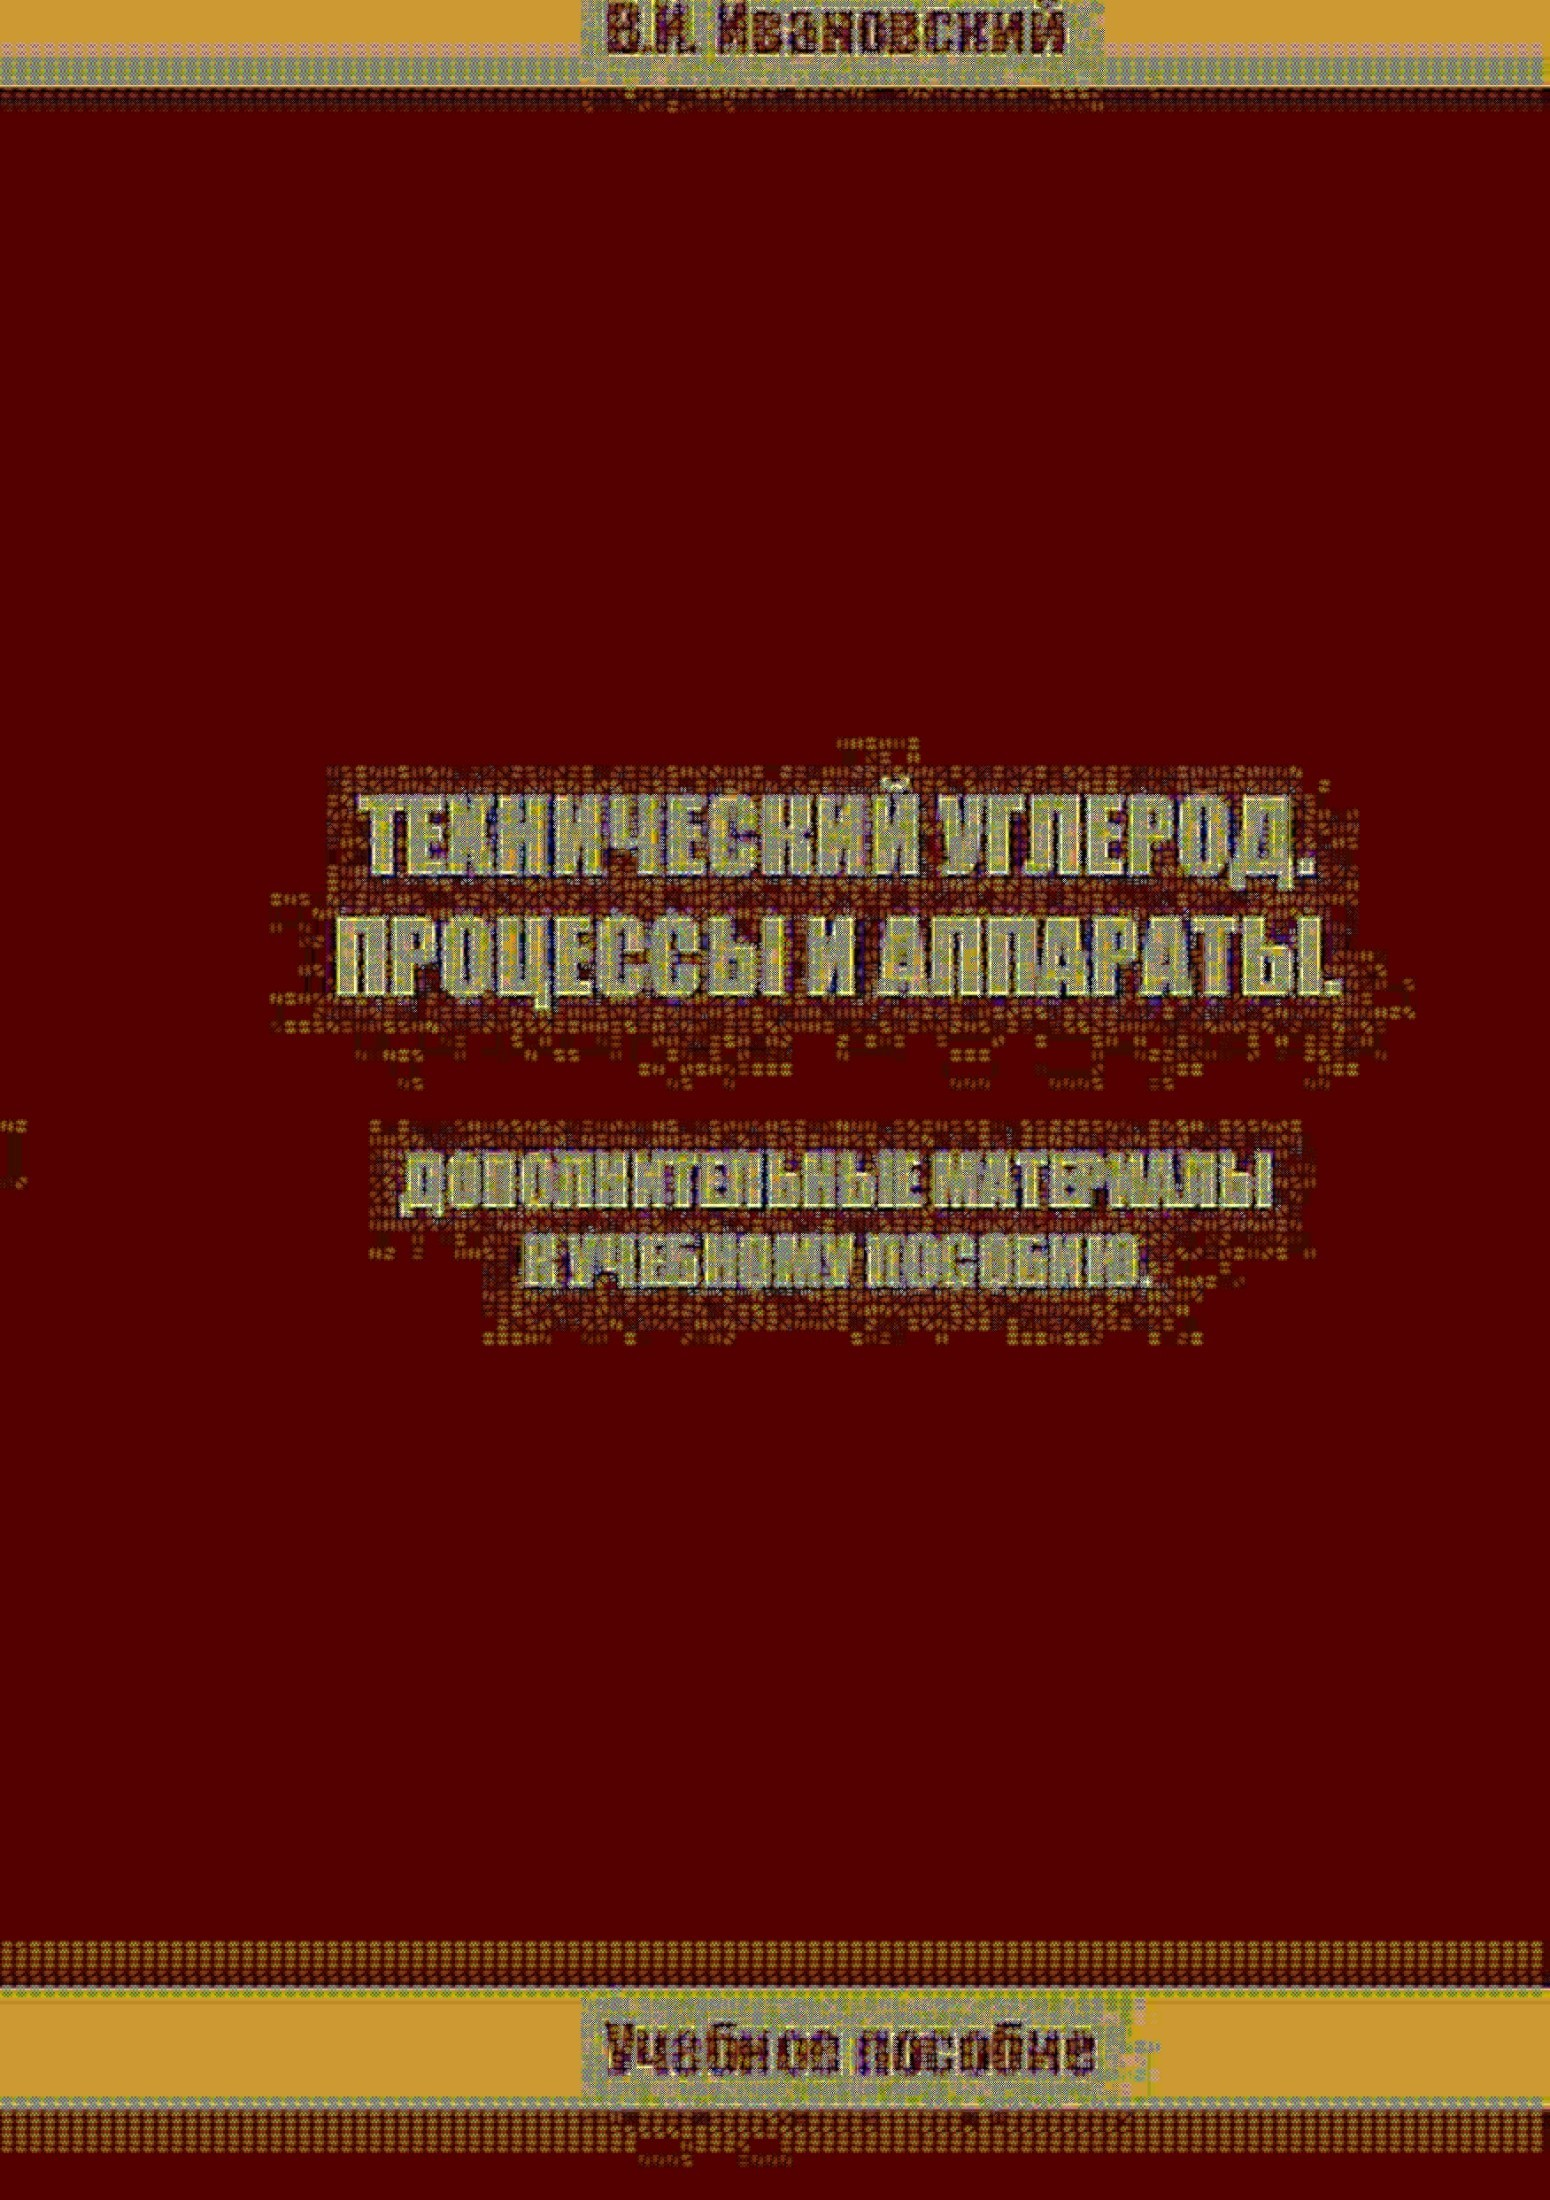 Владимир Иванович Ивановский. Технический углерод. Процессы и аппараты. Дополнительные материалы